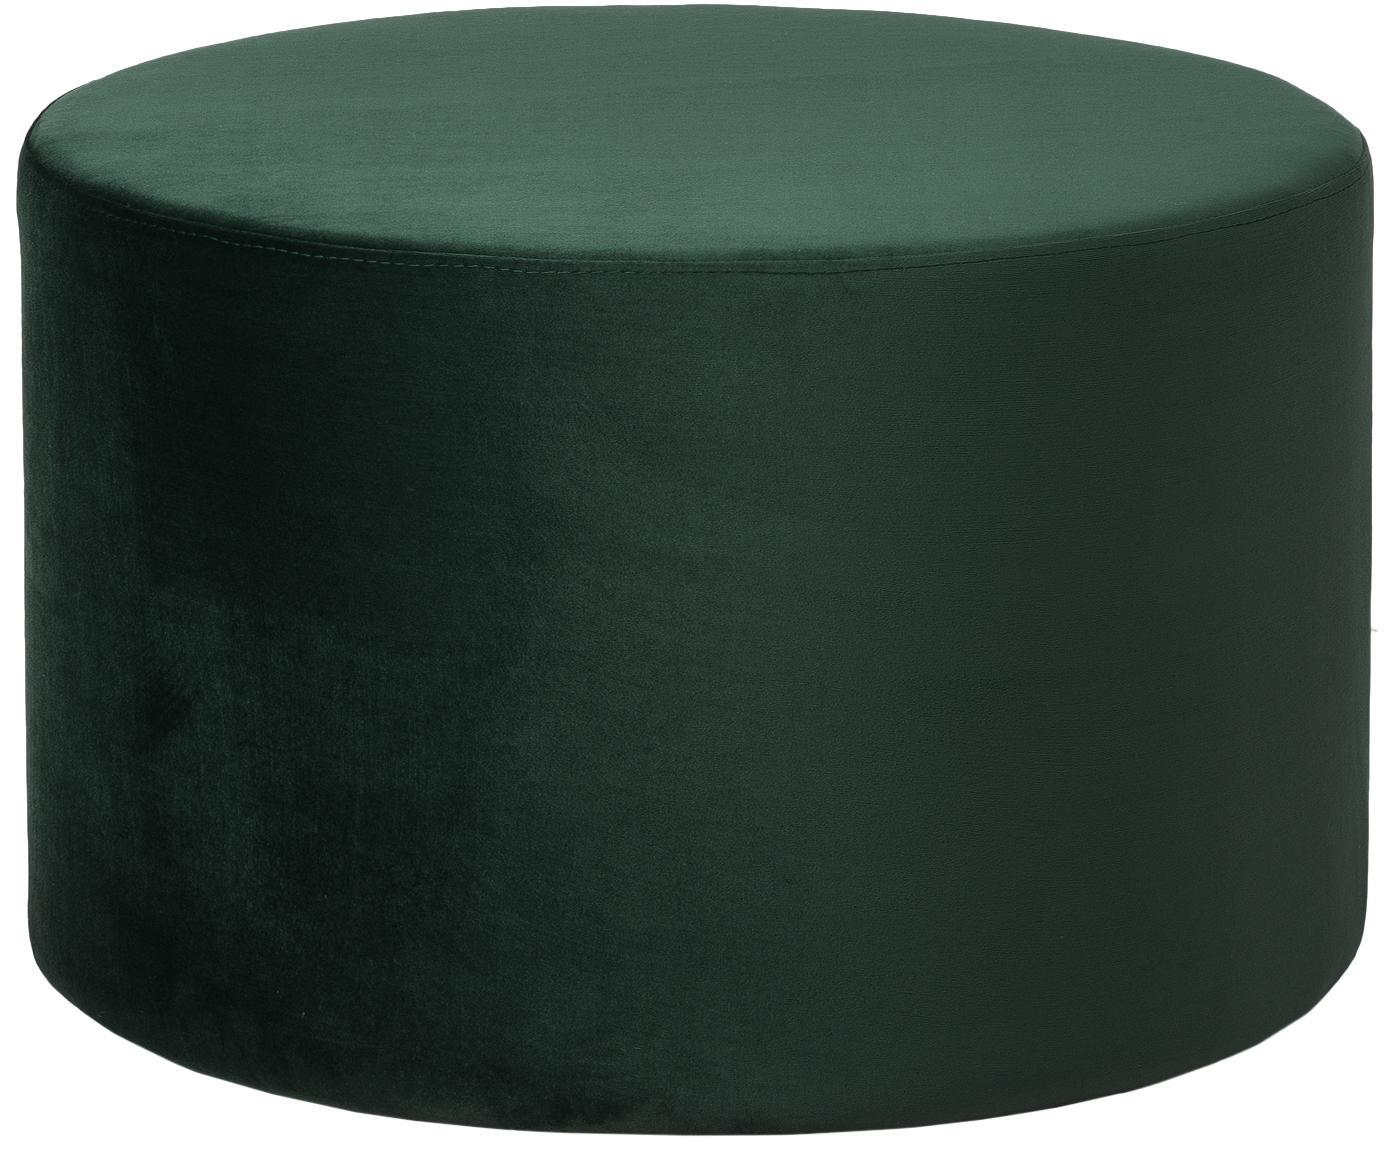 Pouf in velluto Daisy, Rivestimento: velluto (poliestere), Struttura: pannello di fibra a media, Verde scuro, Ø 62 x Alt. 41 cm